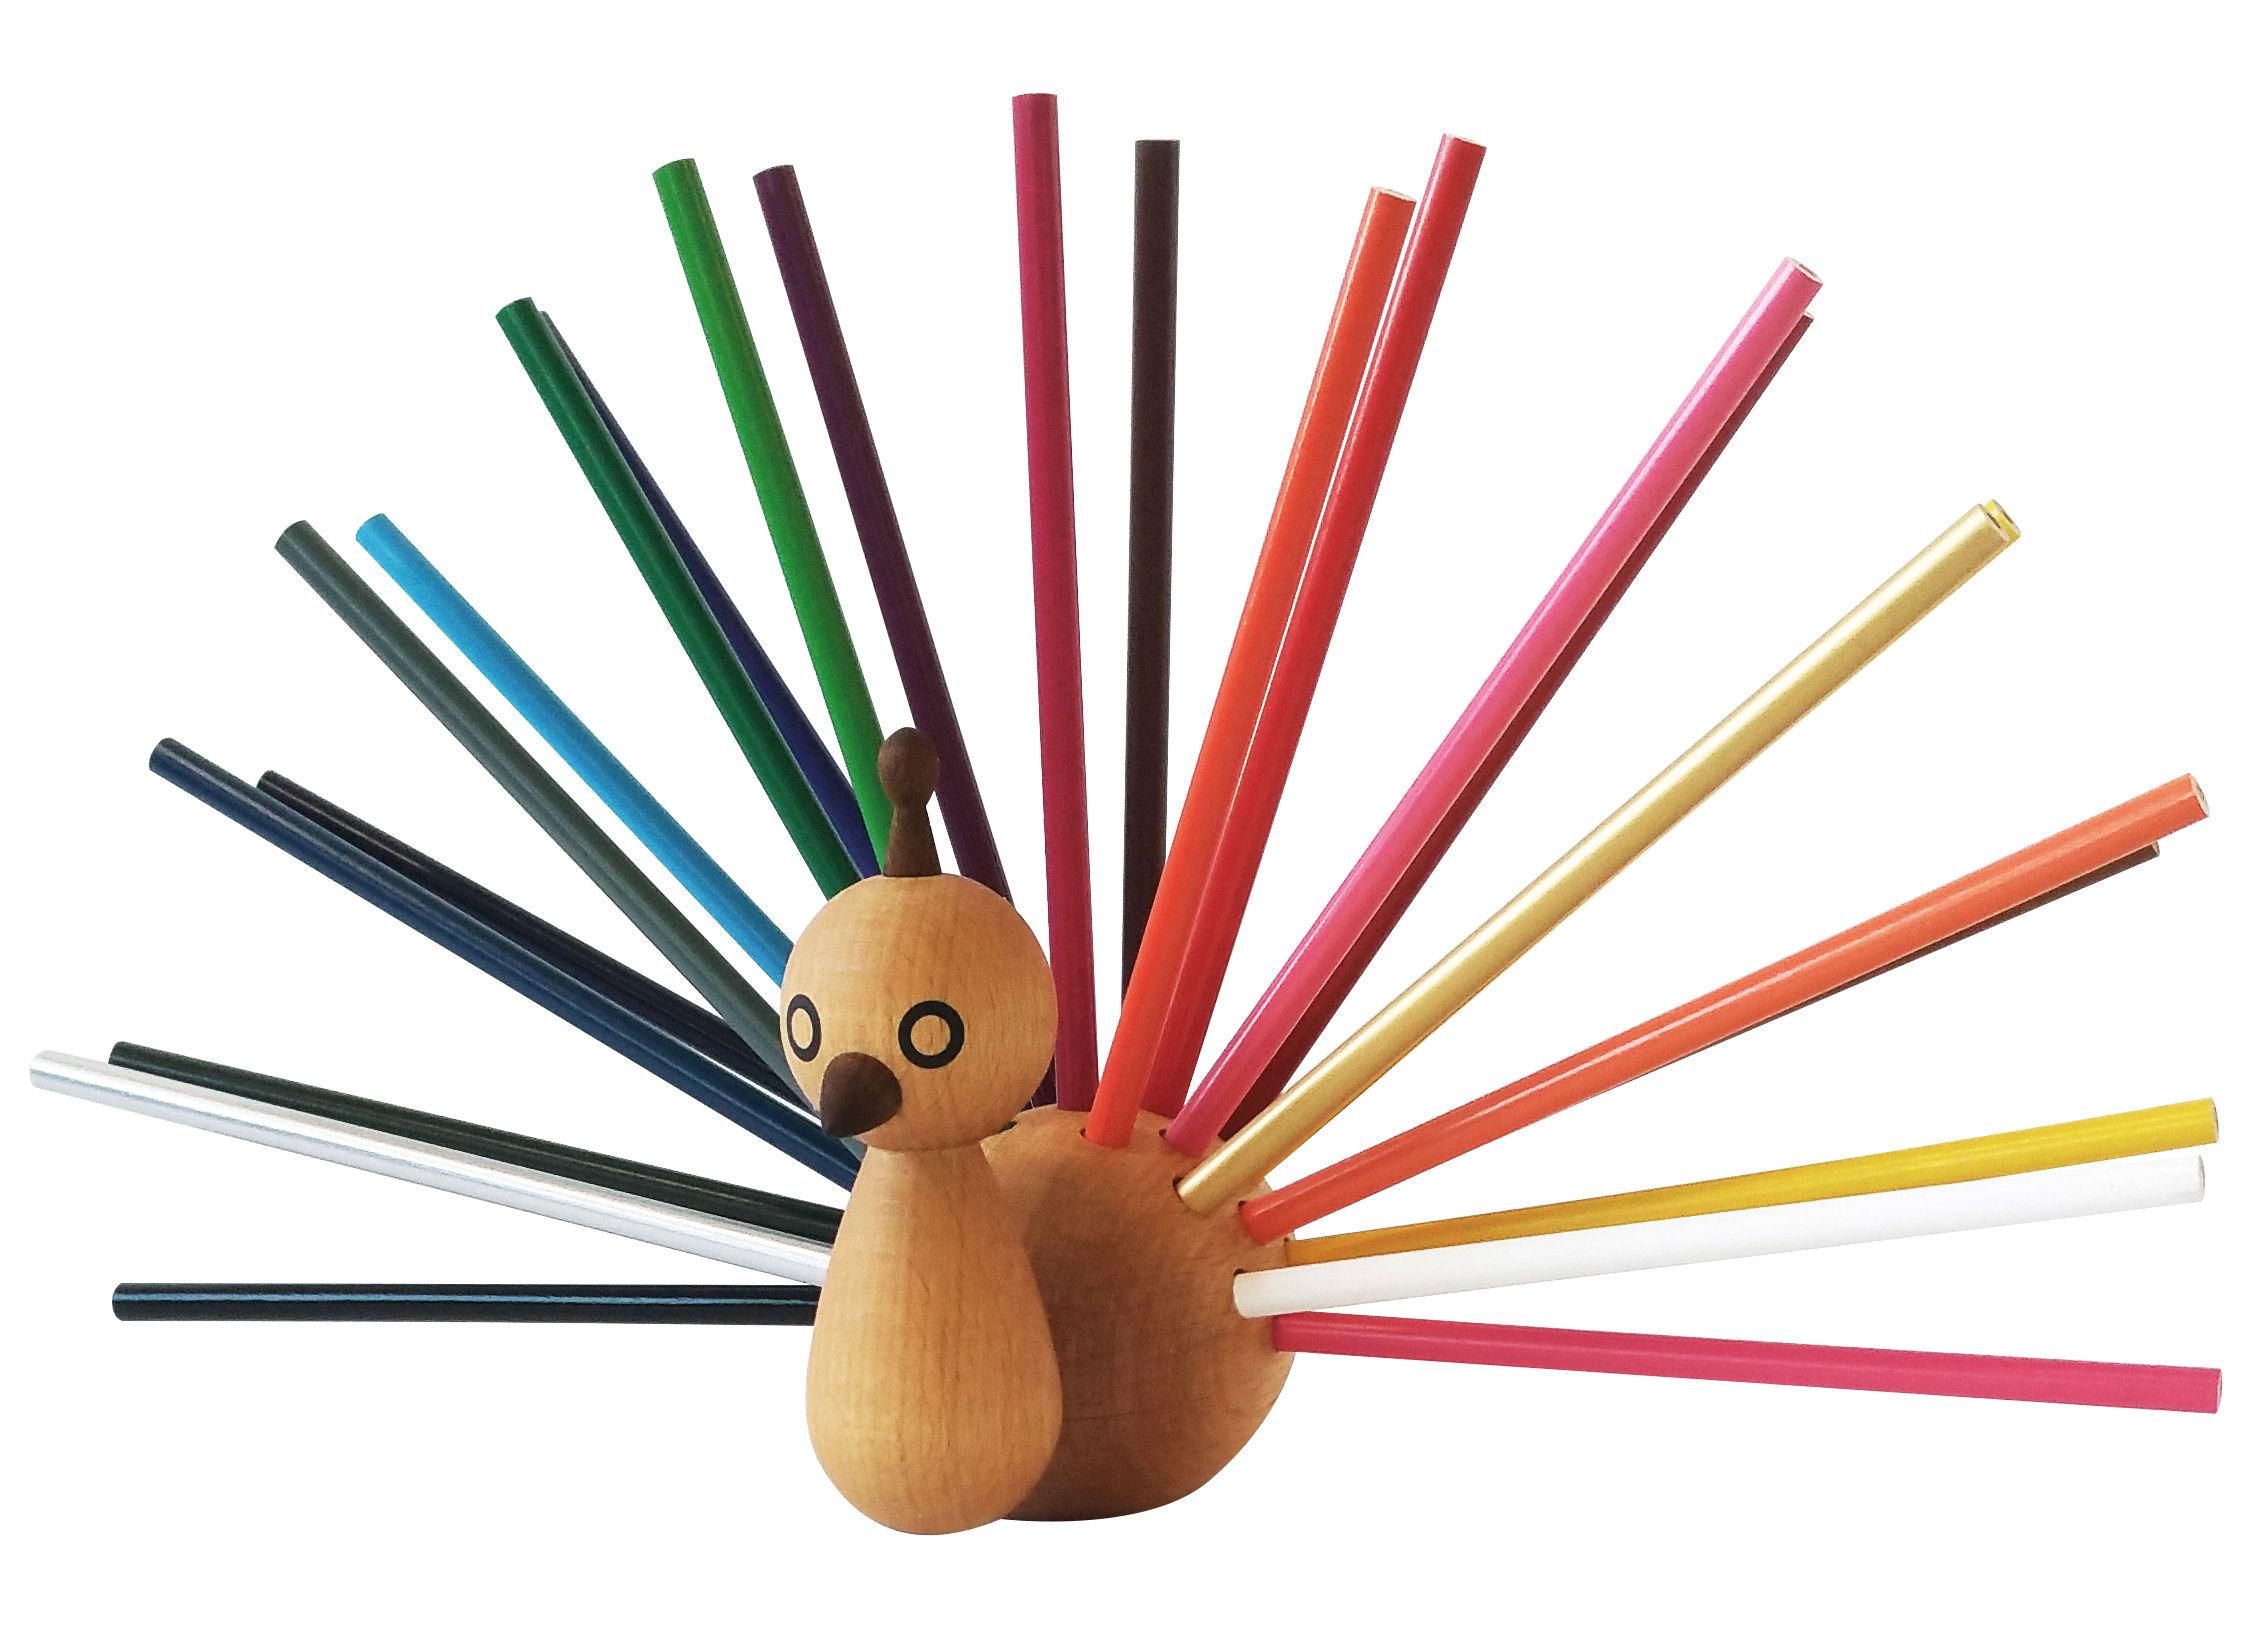 Déco - Pour les enfants - Porte-crayons Peacock / 24 crayons inclus - EO - Bois naturel / Crayons multicolores - Hêtre massif